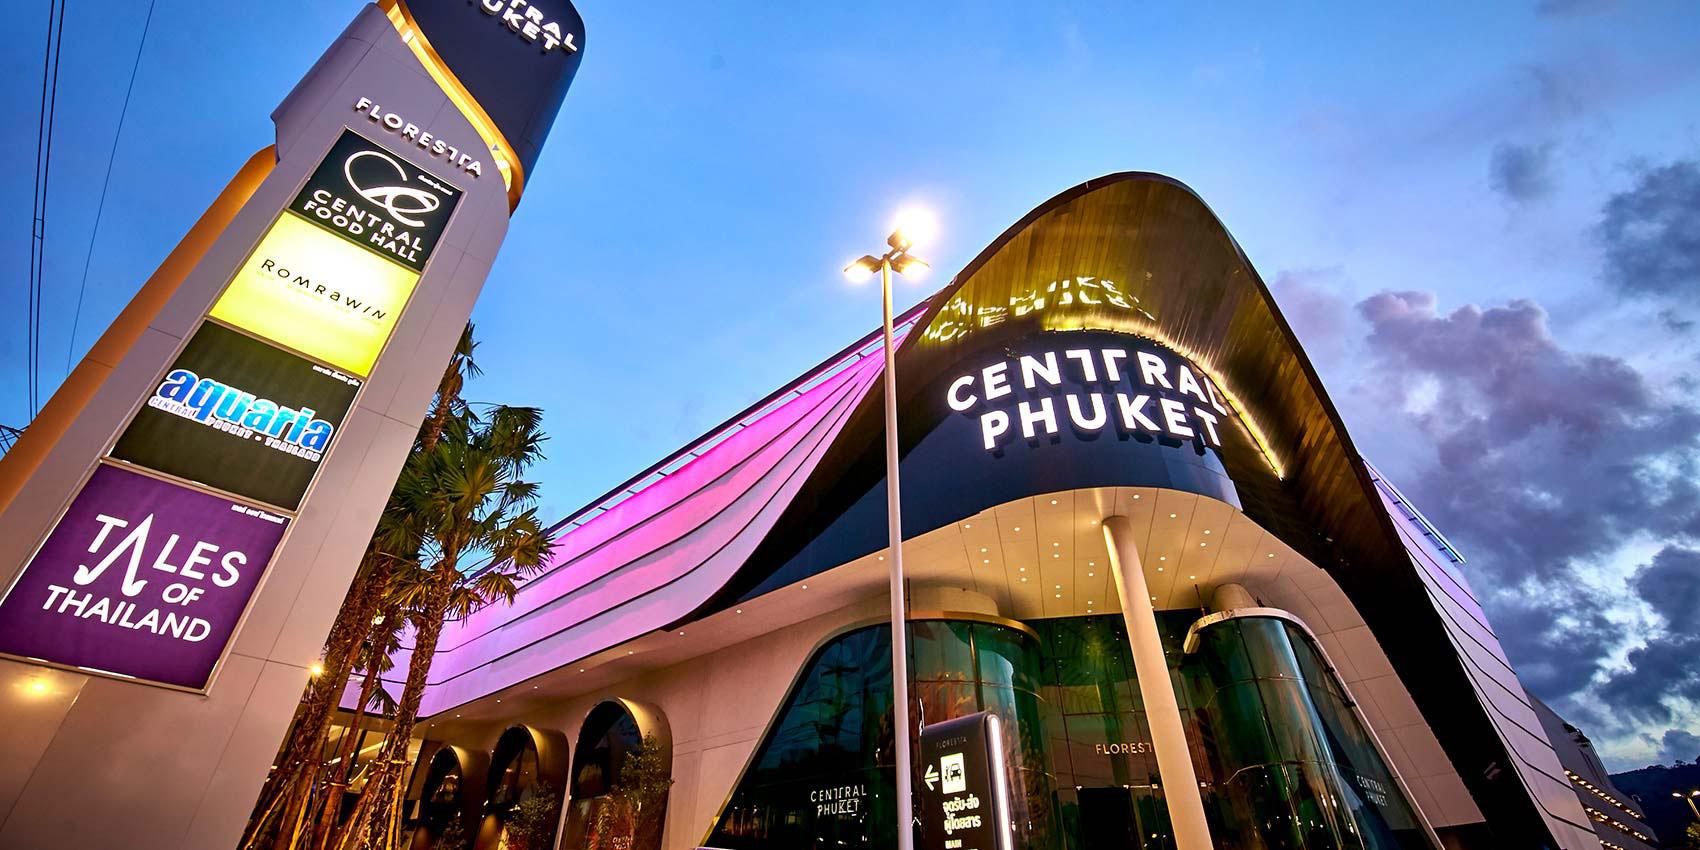 Central Phuket Festival